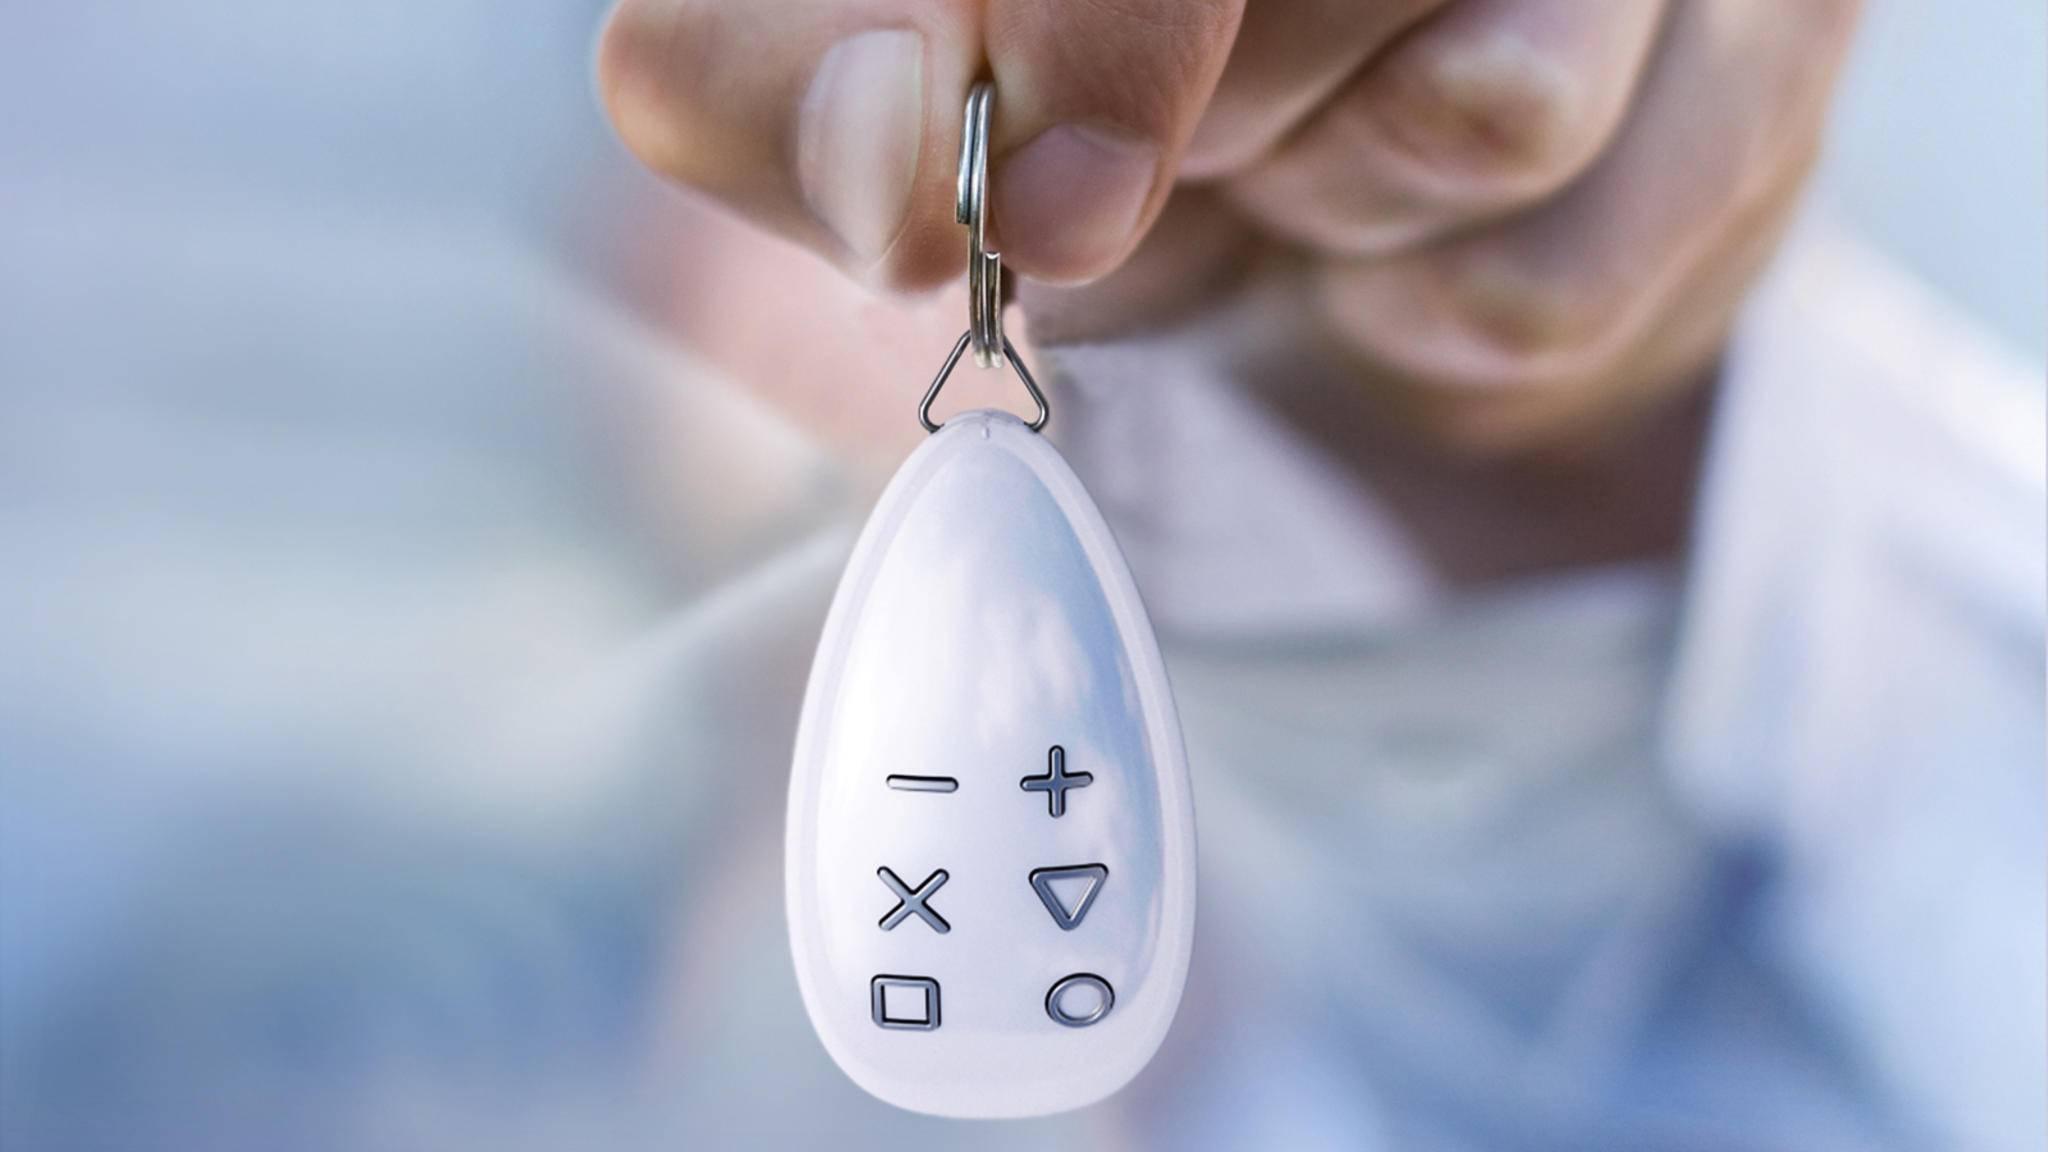 KeyFob ist eine clevere Fernbedienung fürs Smart Home.